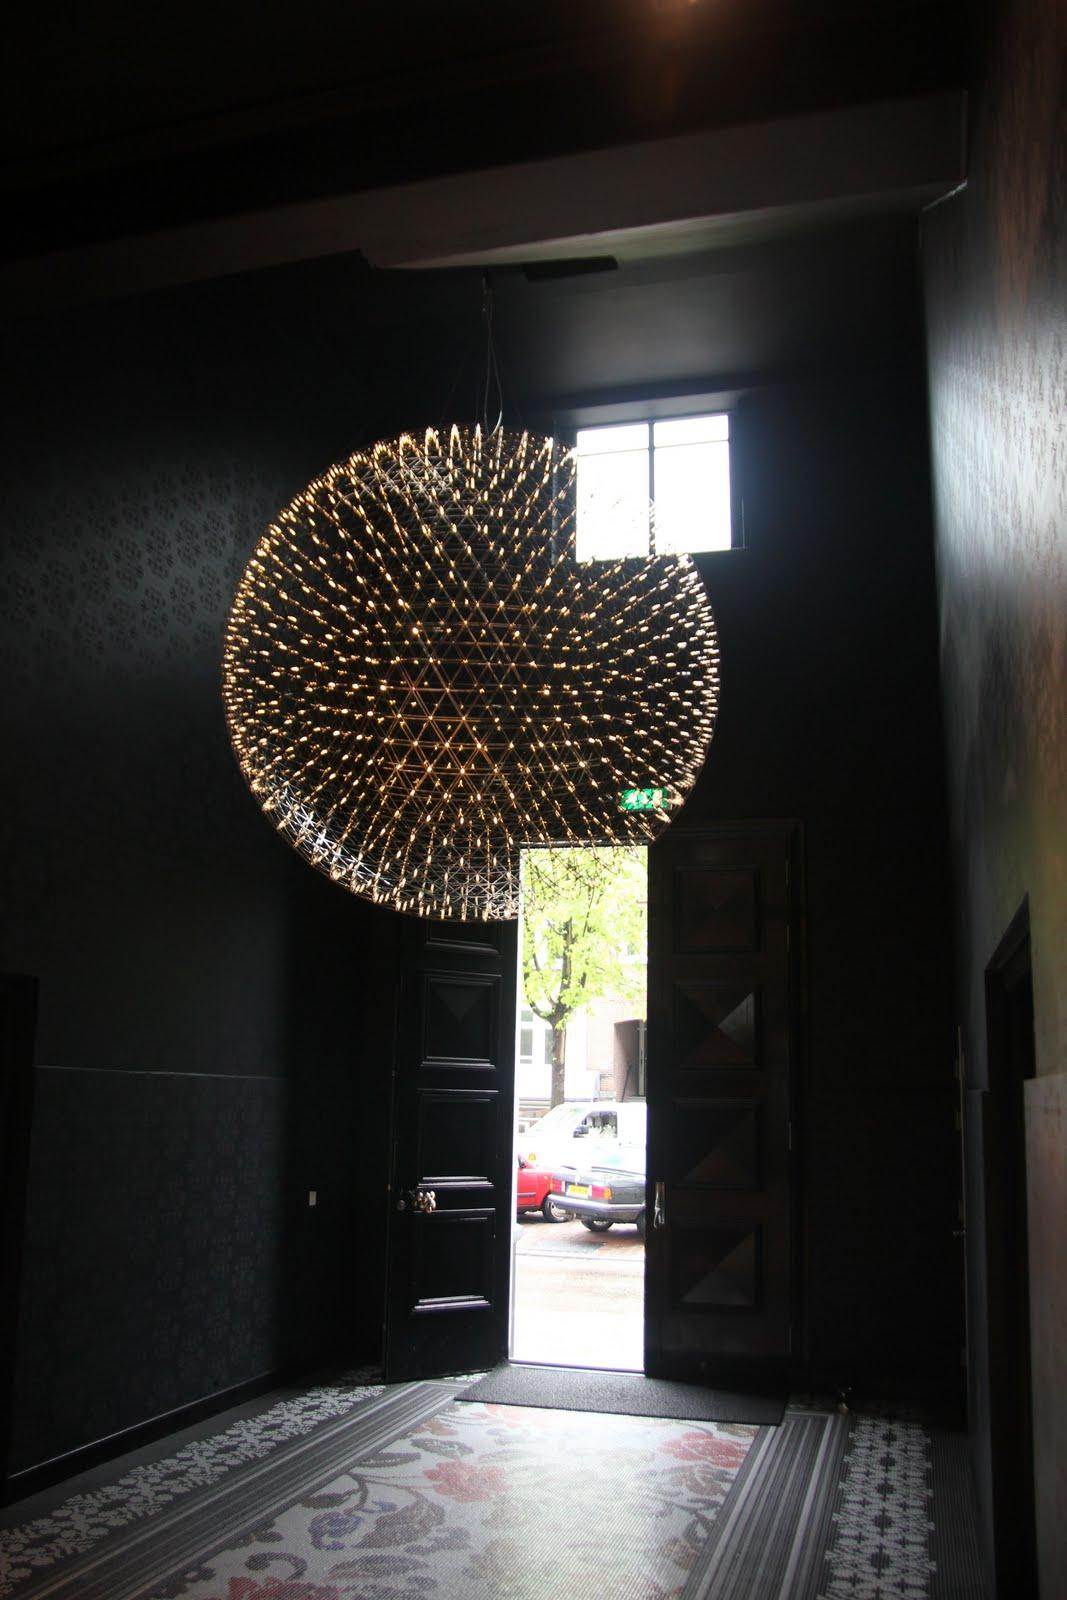 Moooi Raimond Led Pendant Light